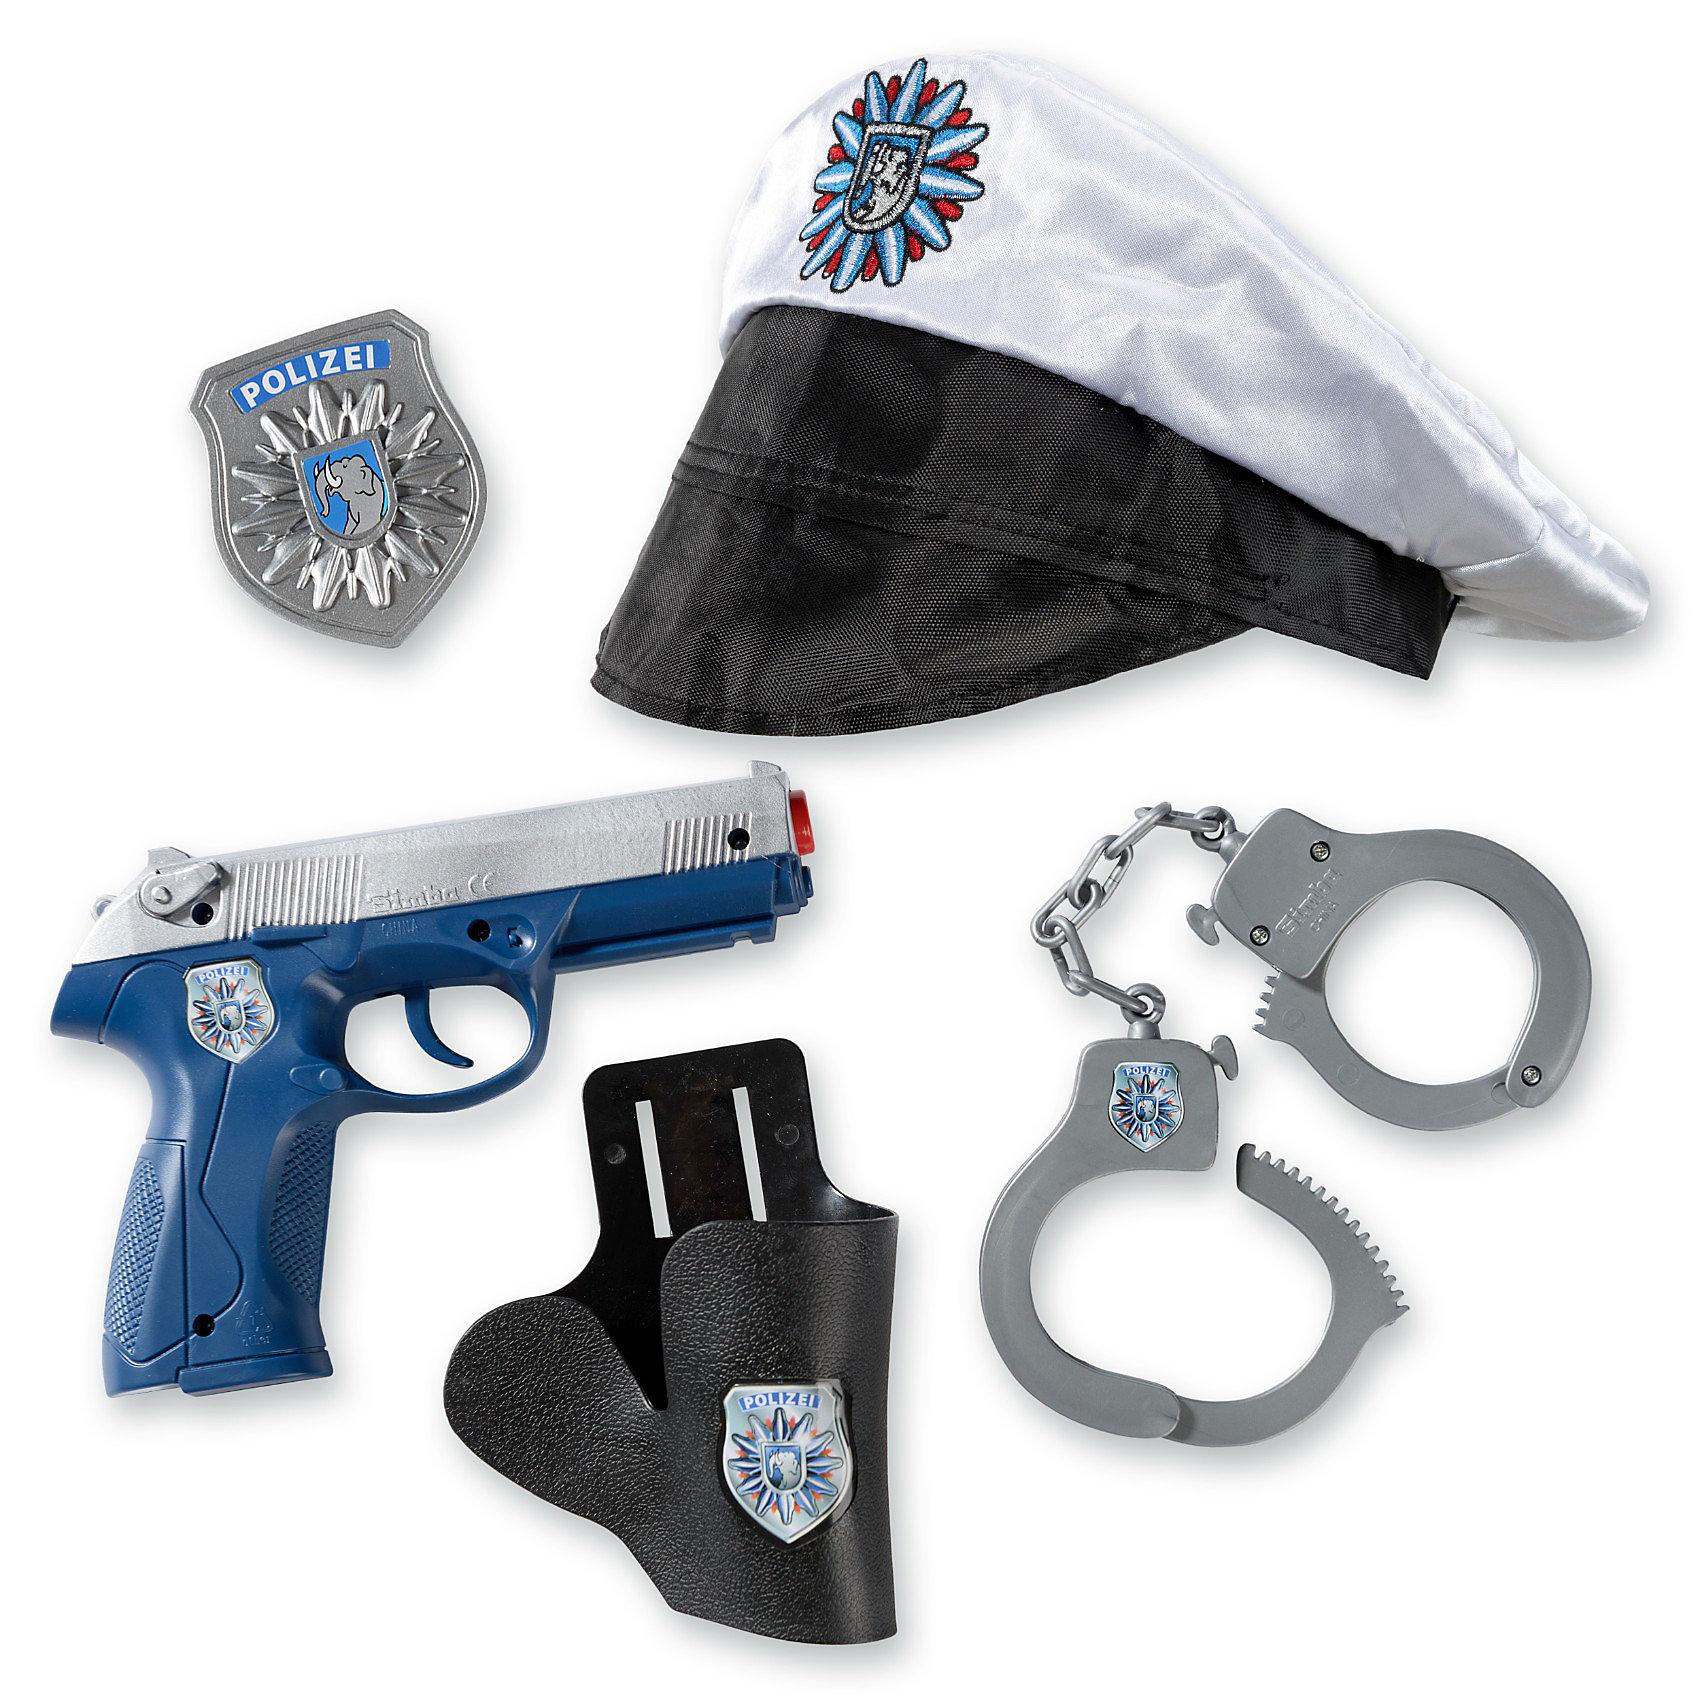 Полицейский набор, SimbaСюжетно-ролевые игры<br>Характеристики:<br><br>• аксессуары: пистолет, фуражка, наручники, жетон полицейского;<br>• световые эффекты – фонарик работает от батареек;<br>• батарейки входят в комплект: 2 шт. типа АА;<br>• материал: пластик, сатин;<br>• размер кейса: 30х30х10 см.<br><br>Поиграть в смелых и отважных полицейских можно с полицейским набором Simba. Пистолет издает щелкающие звуки во время выстрелов. Фуражка изготовлена из сатина, держится на резиночке. Сюжетно-ролевые игры развивают фантазию ребенка, его воображение и речь. <br><br>Полицейский набор, Simba можно купить в нашем магазине.<br><br>Ширина мм: 363<br>Глубина мм: 344<br>Высота мм: 56<br>Вес г: 419<br>Возраст от месяцев: 36<br>Возраст до месяцев: 96<br>Пол: Мужской<br>Возраст: Детский<br>SKU: 3159511